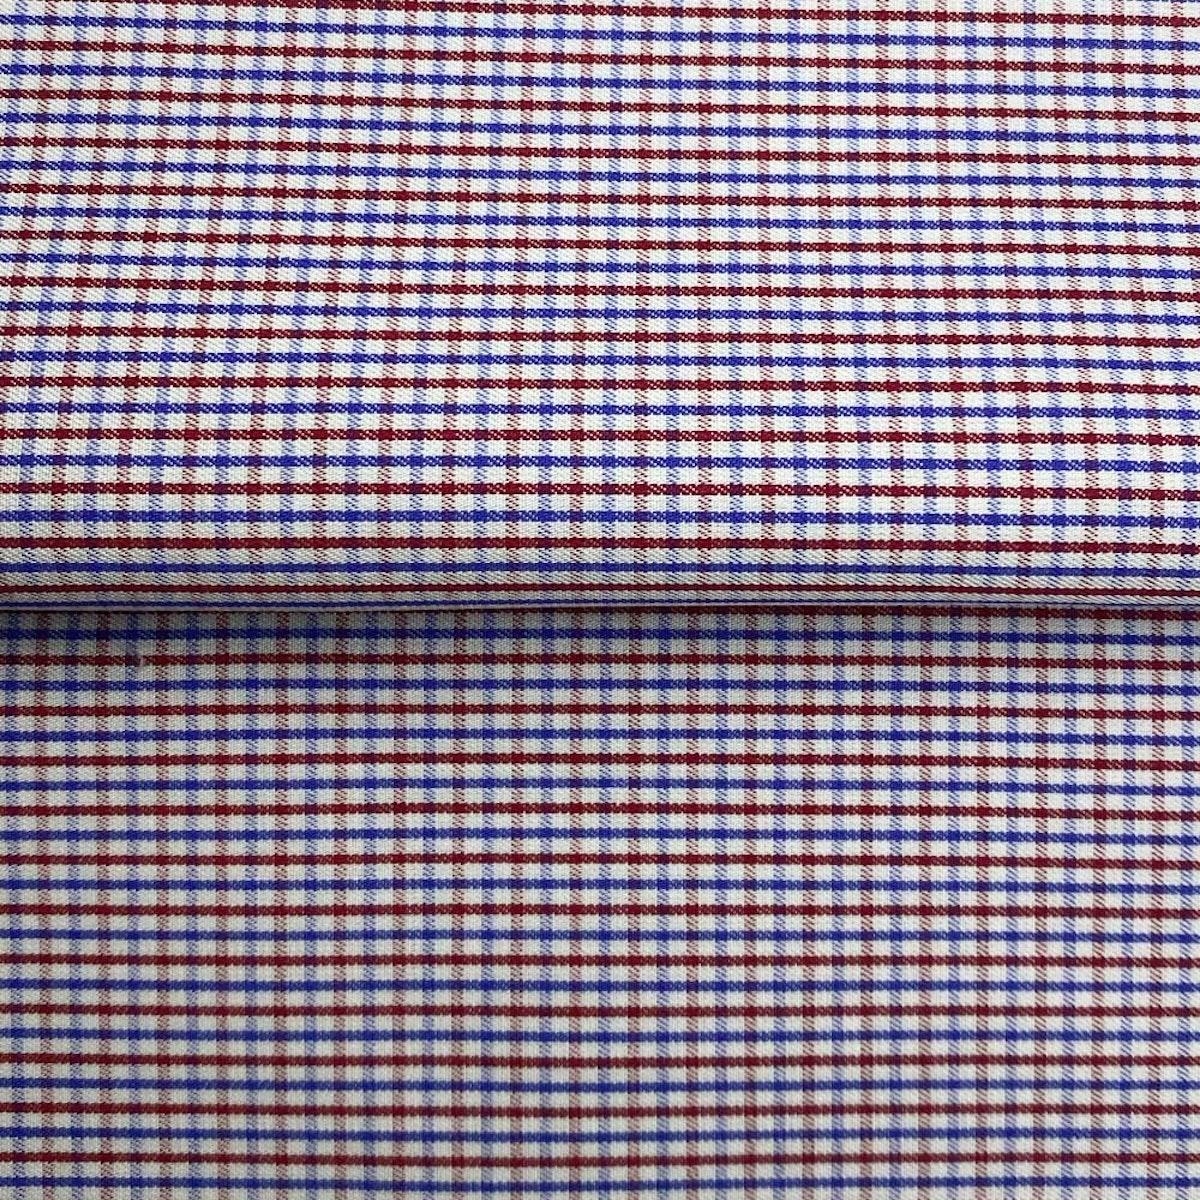 InStitchu Shirt Fabric 149